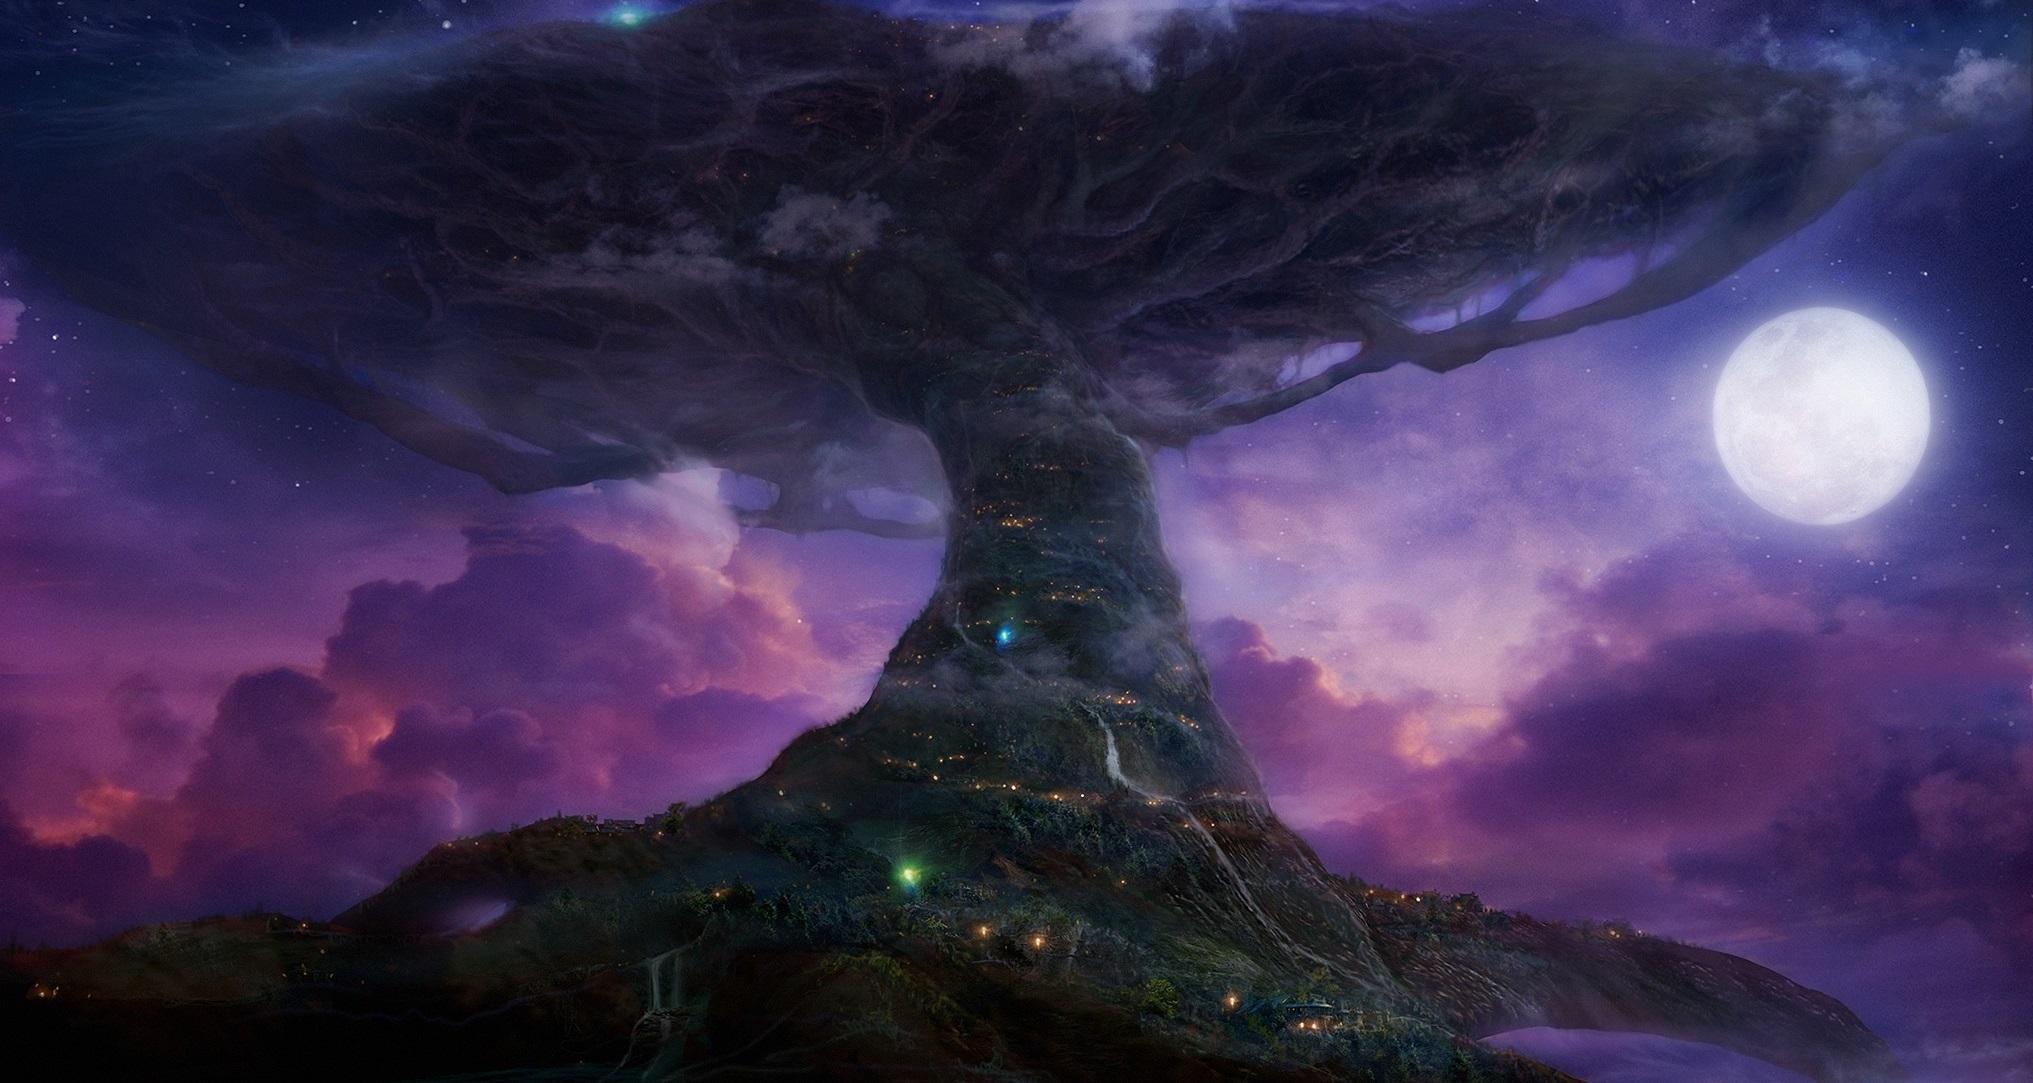 https://i2.wp.com/i-uv.com/wp-content/uploads/2013/06/tree-of-life.jpg